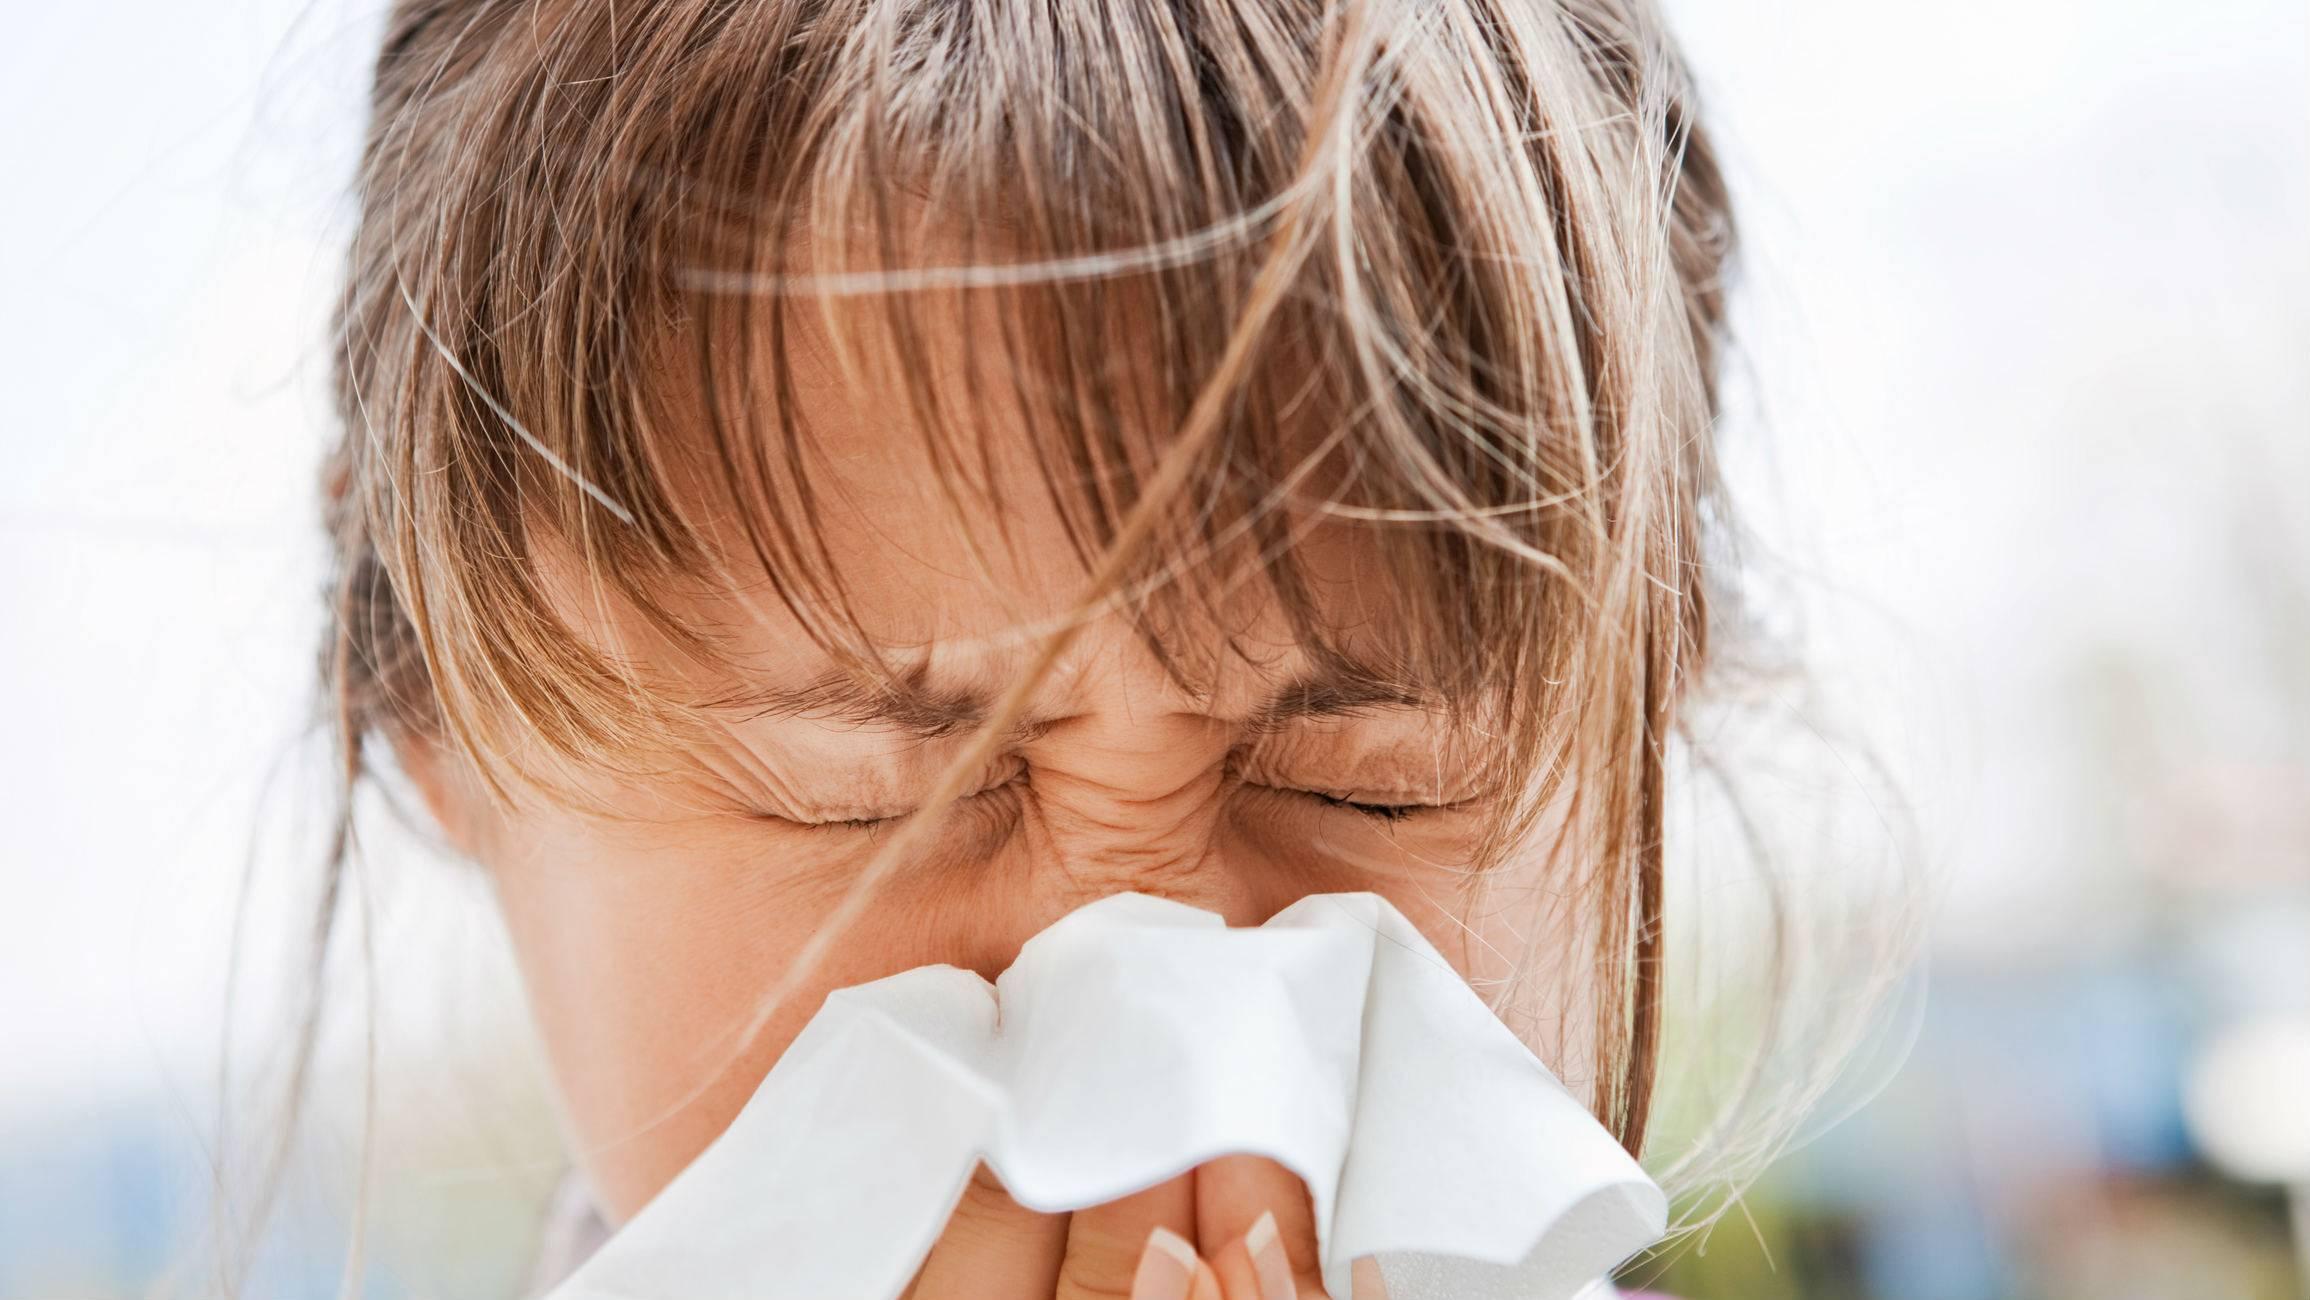 Как избавиться от пылевых клещей в домашних условиях: самые эффективные методы